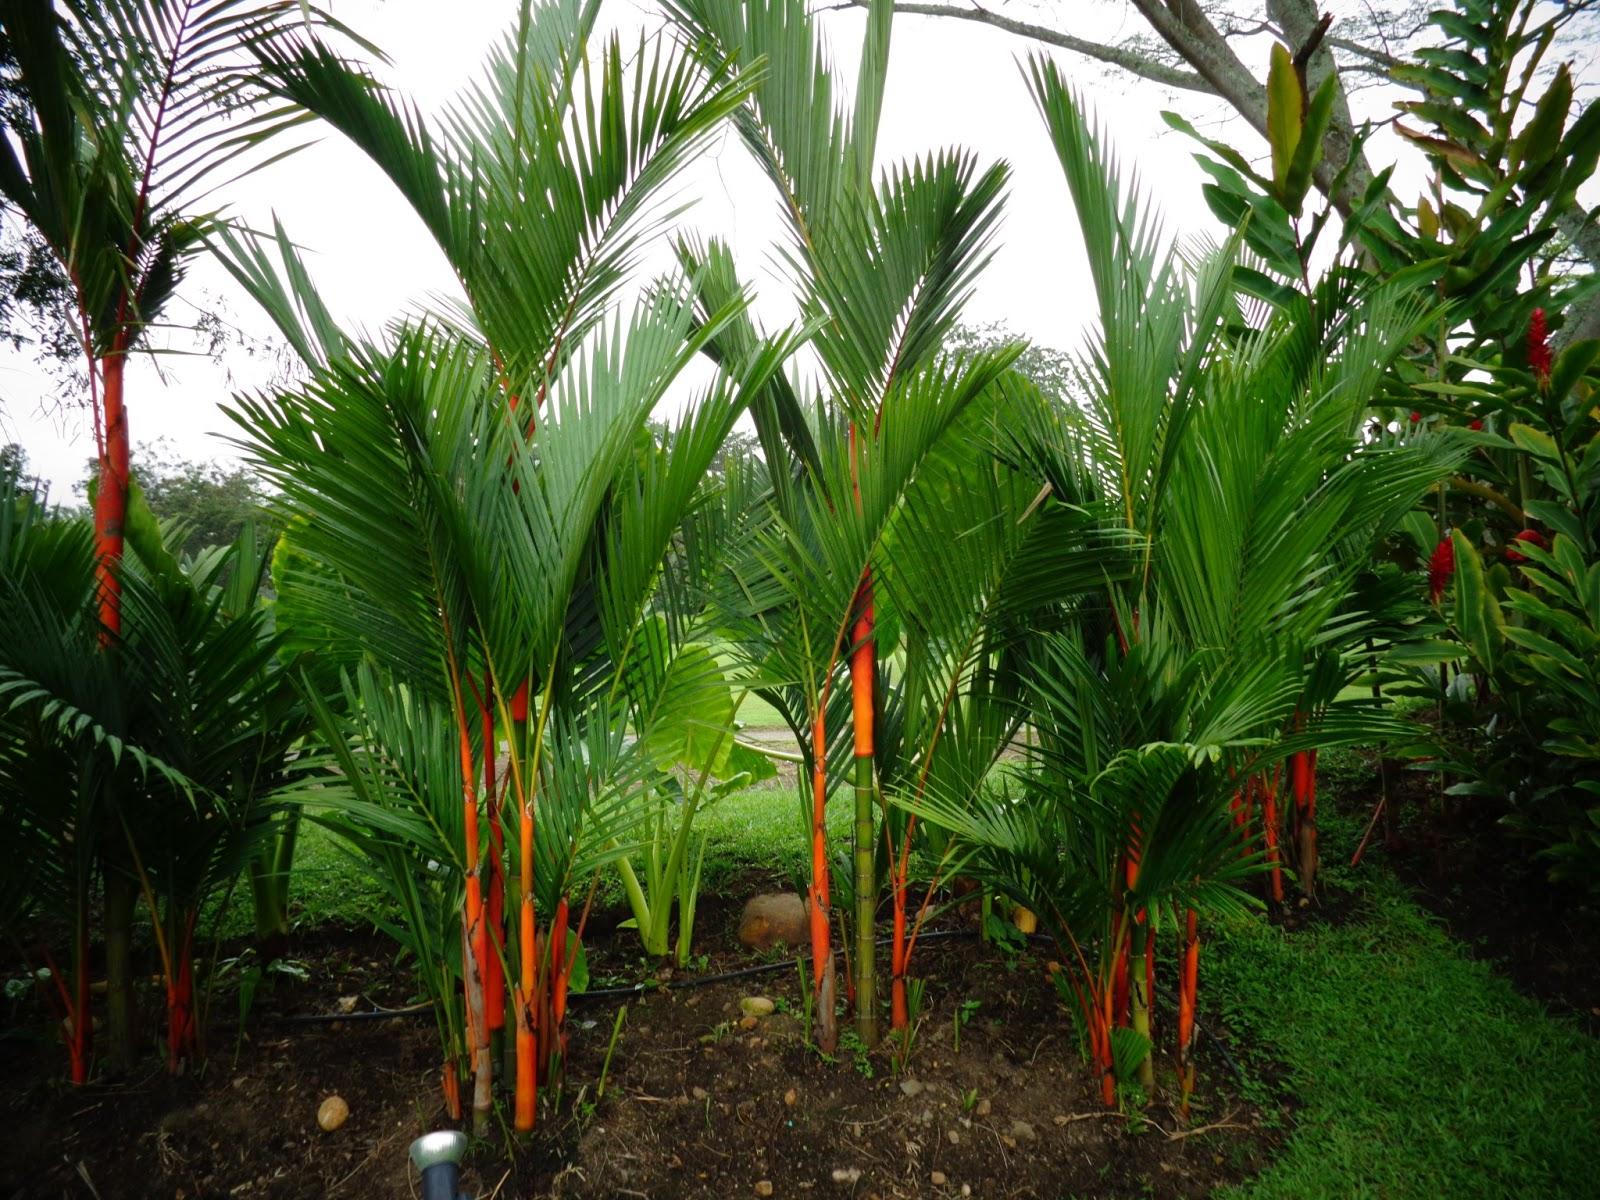 Vivero san antonio apulo cundinamarca colombia palma for Viveros en colombia